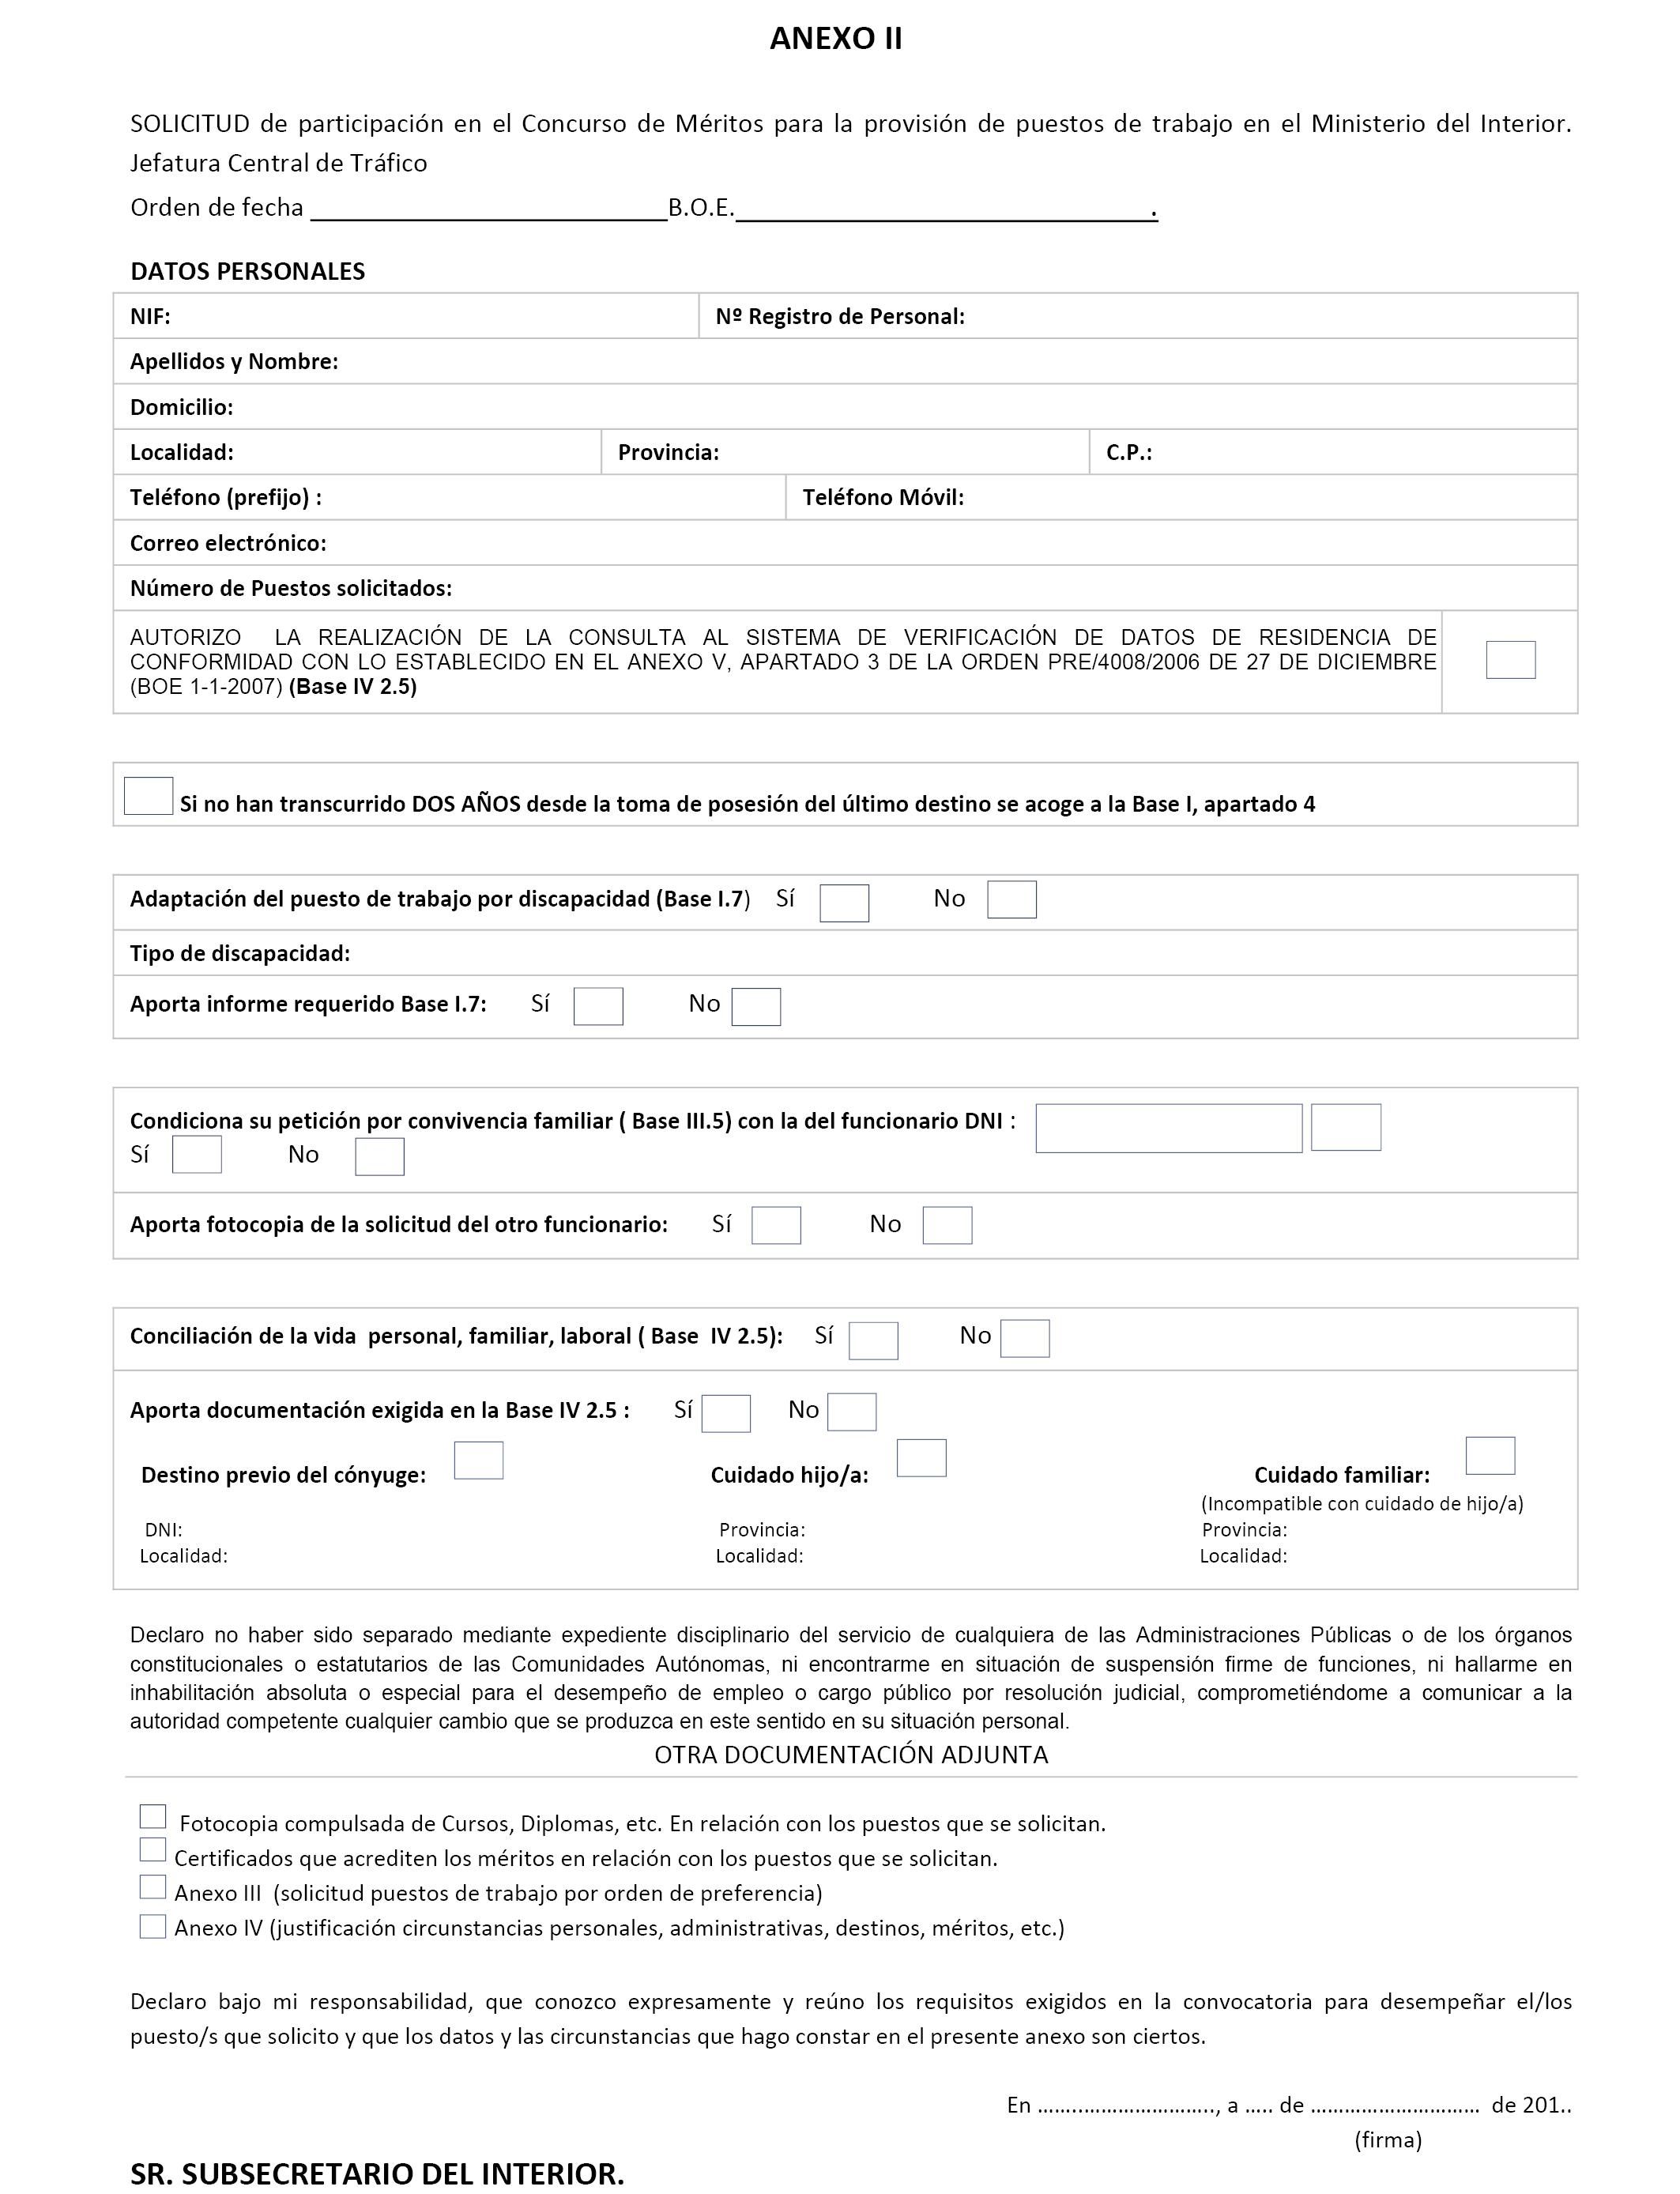 Ministerio del interior concurso 23 12 2016 for Boe ministerio del interior